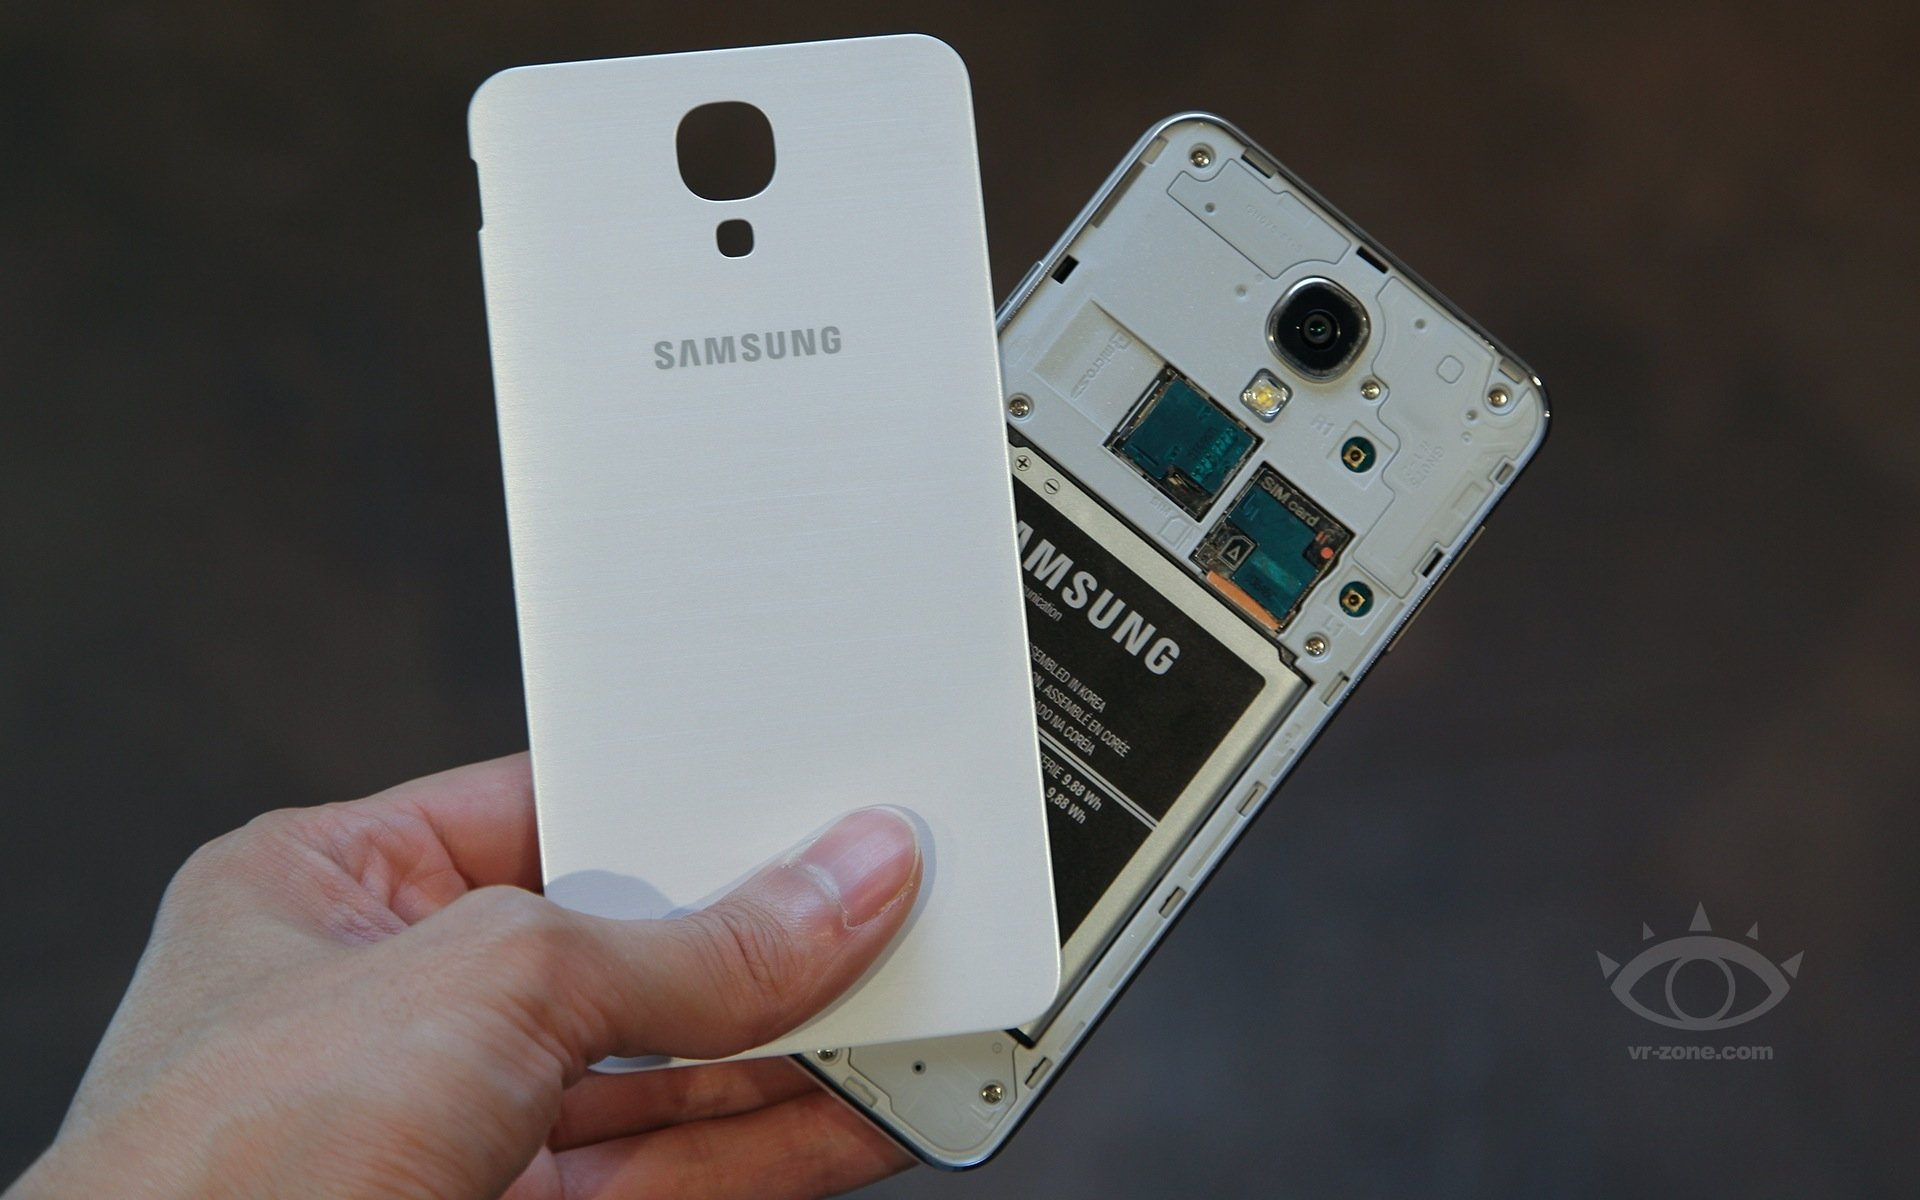 Samsung telefony se solárním nabíjením možná už příští rok